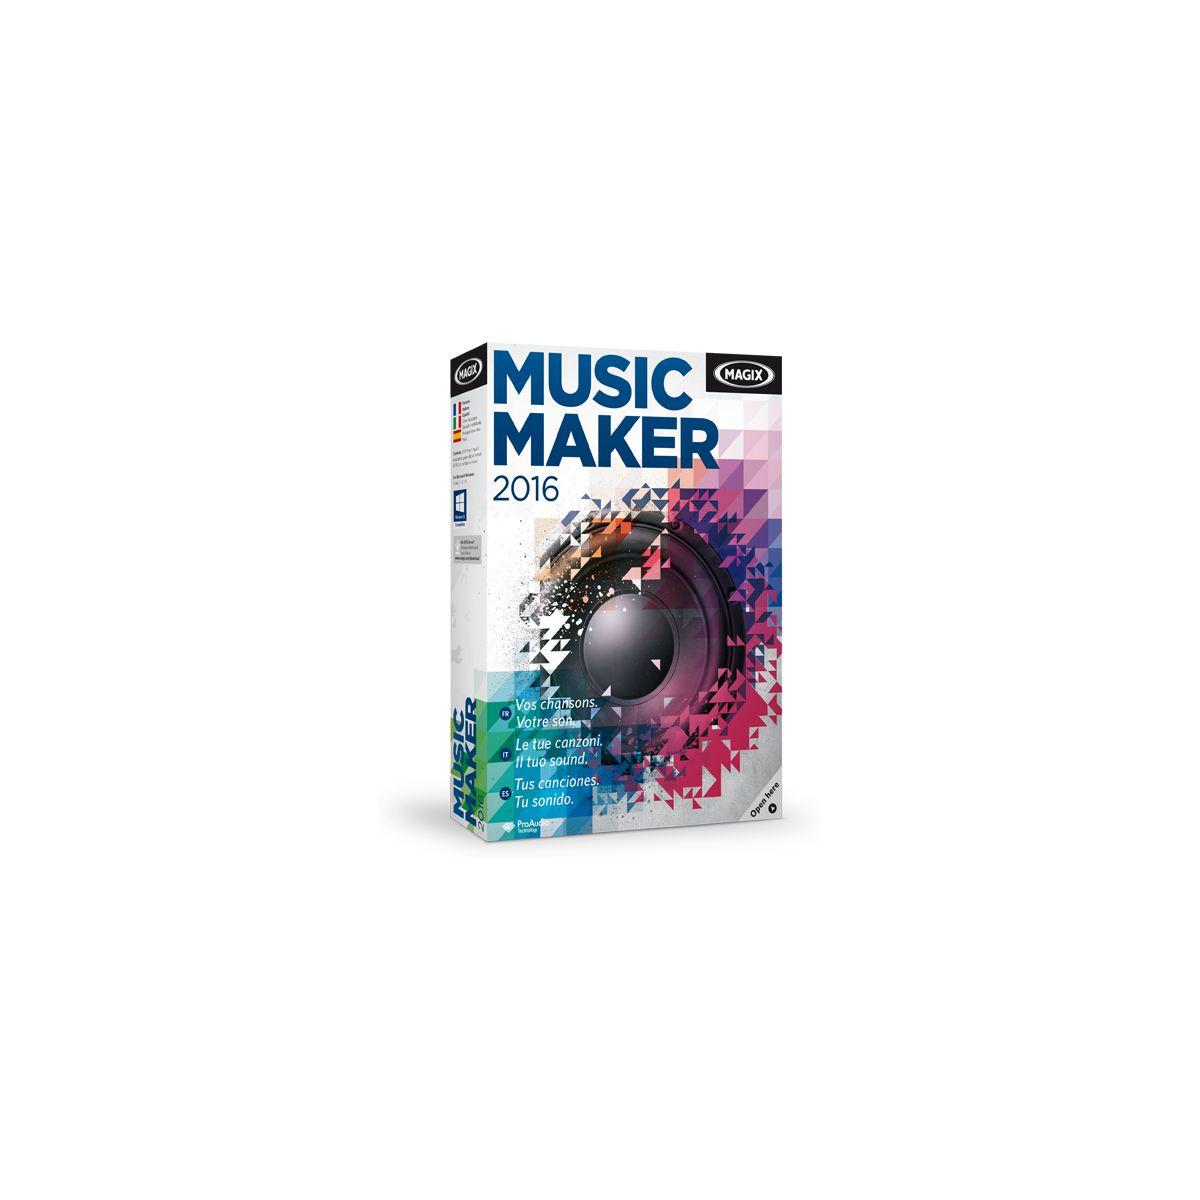 Logiciel pc magix music maker 2016 – 5 € de remise : code cash5